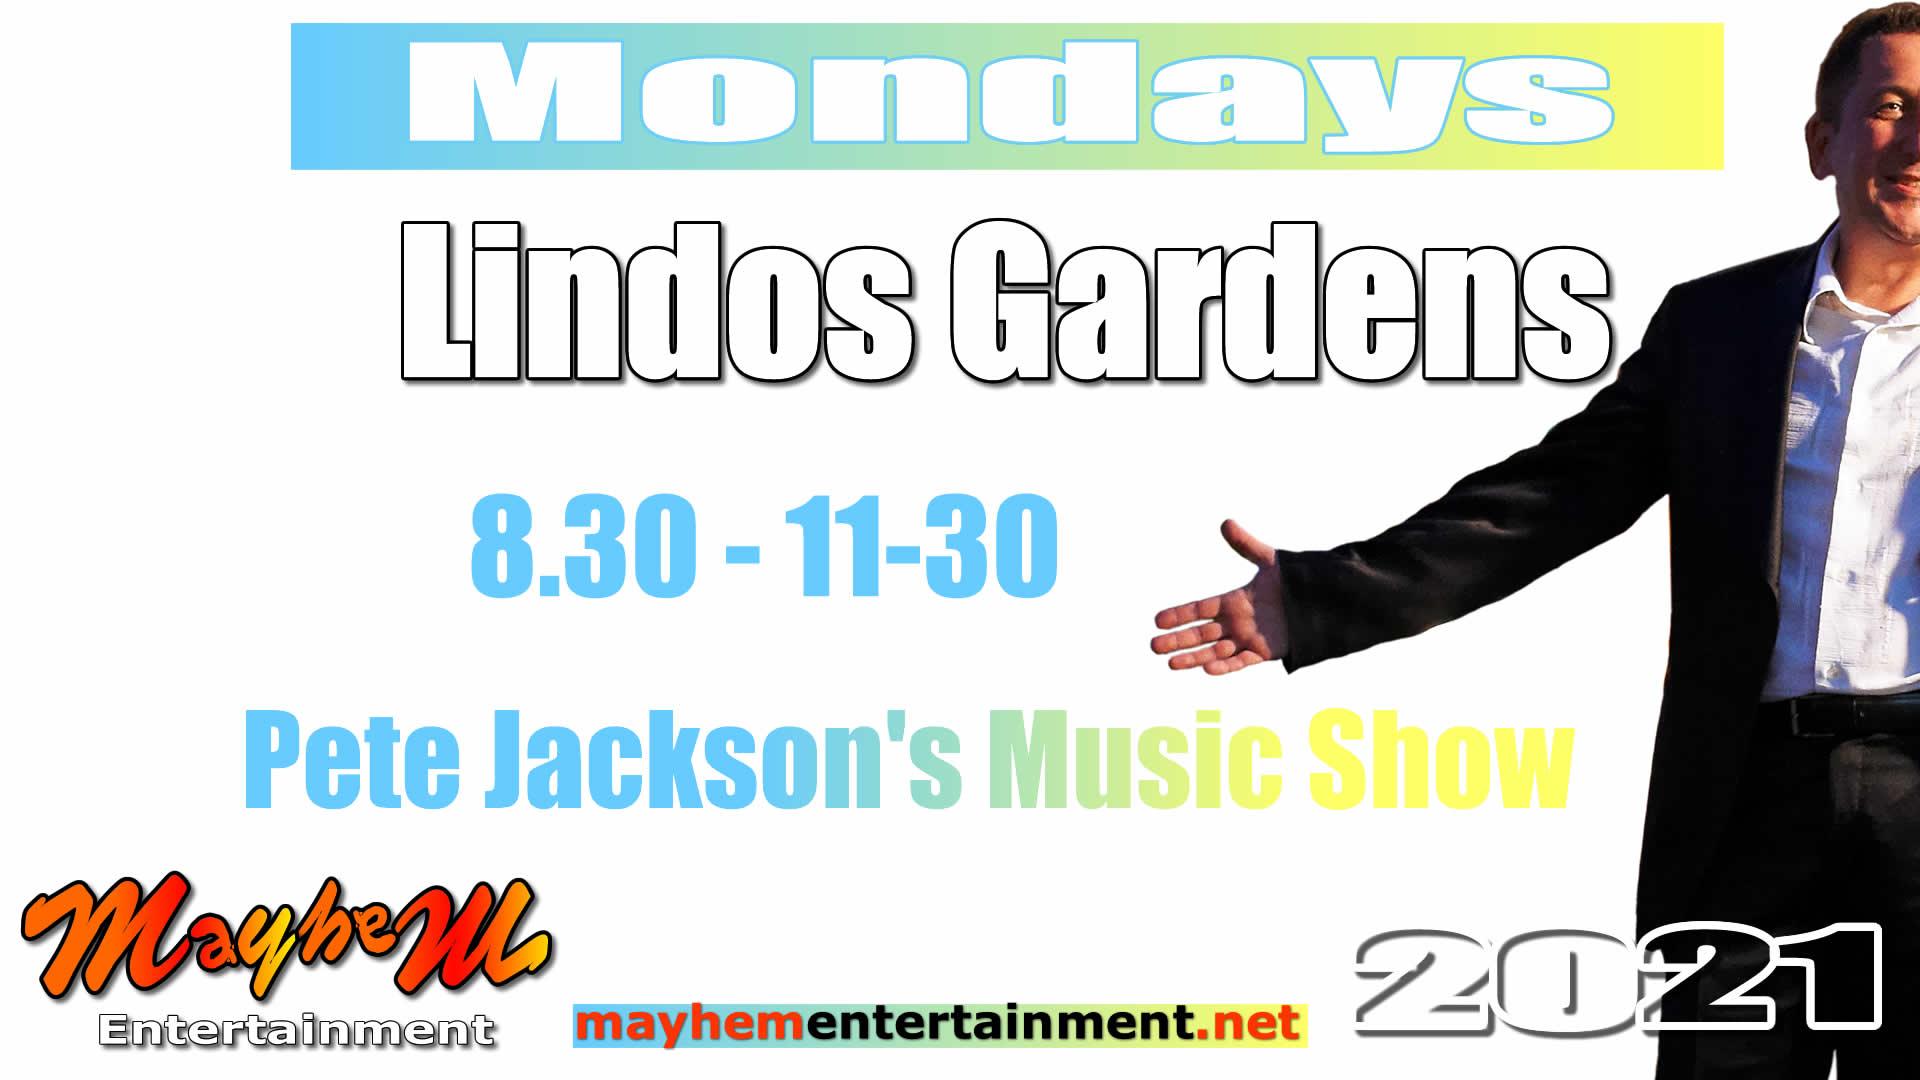 Lindos Gardens Resort Complex